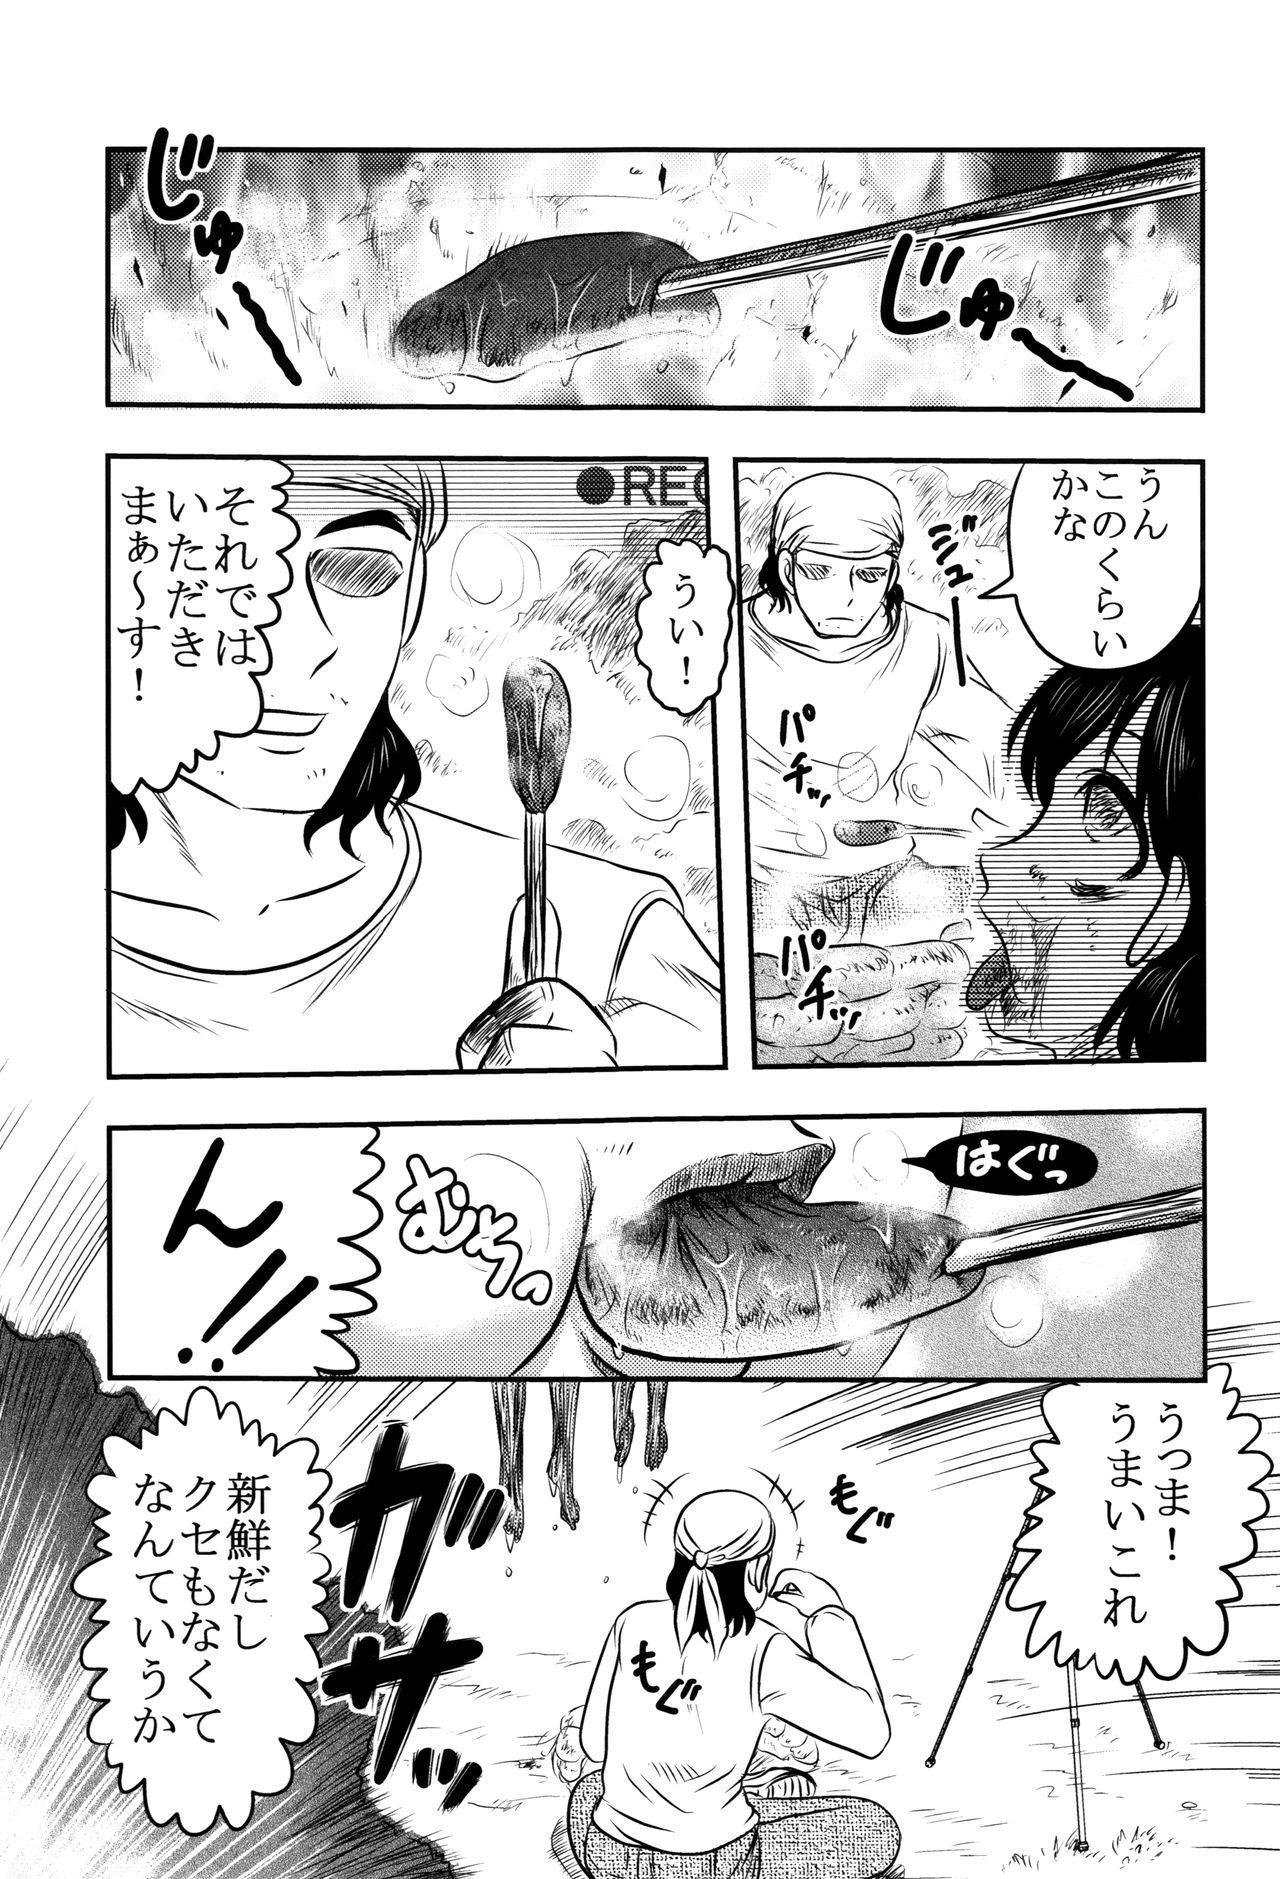 Chishigoyomi 19